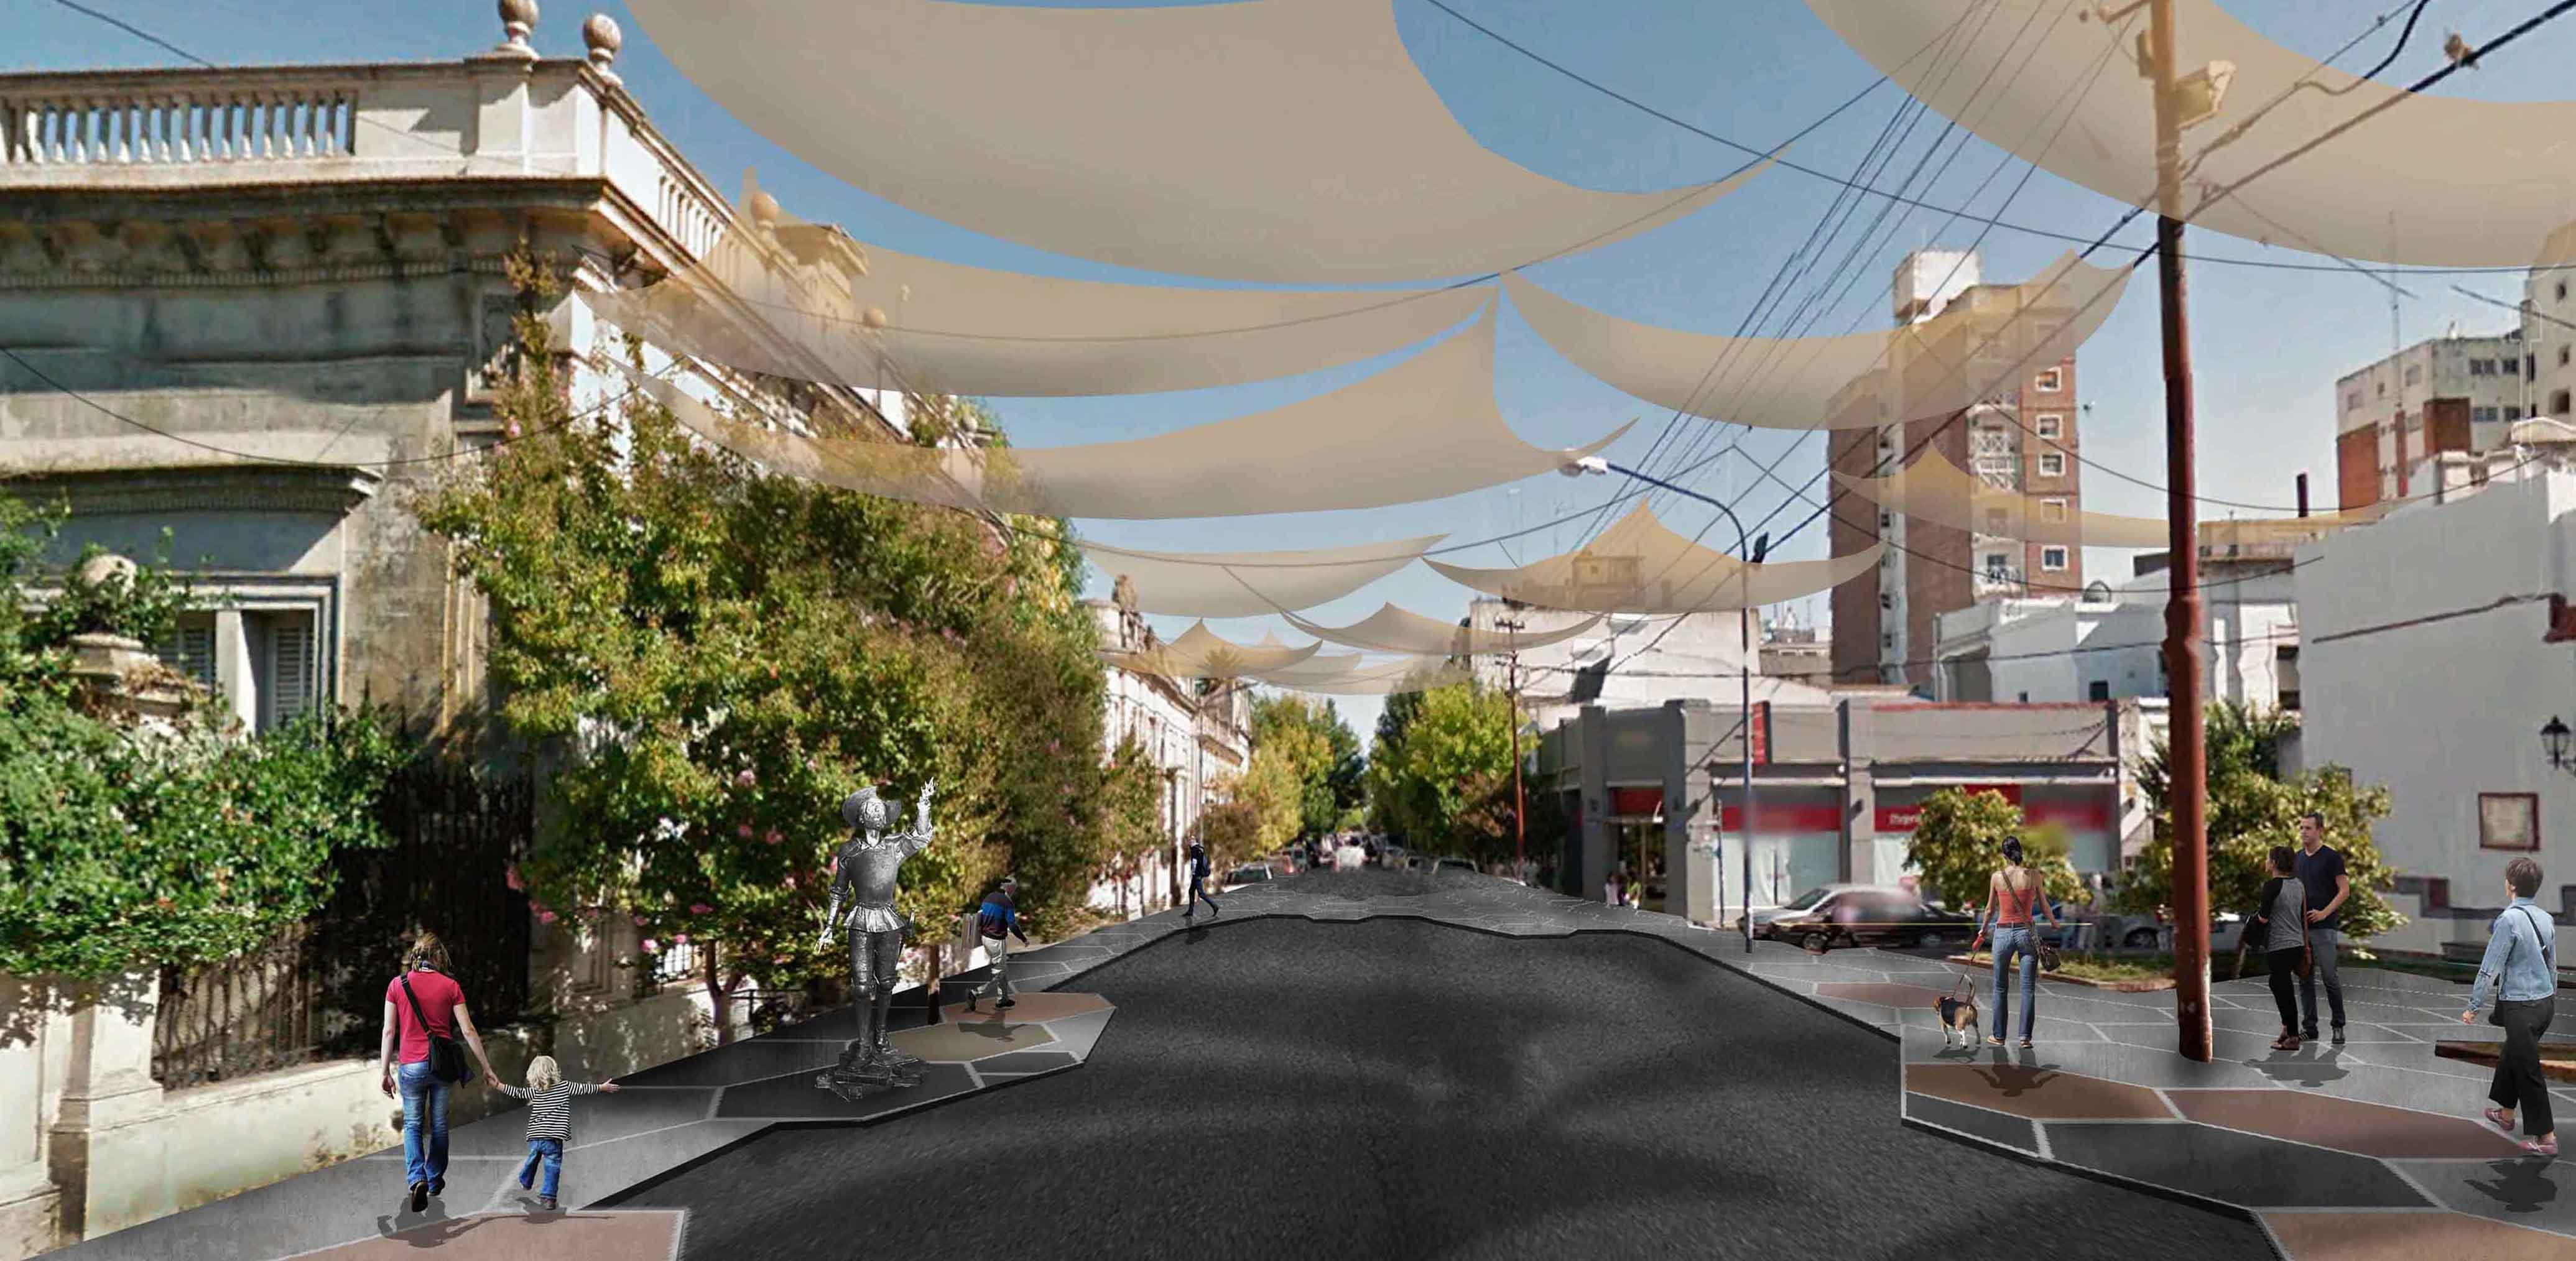 Proyecto urbano azul